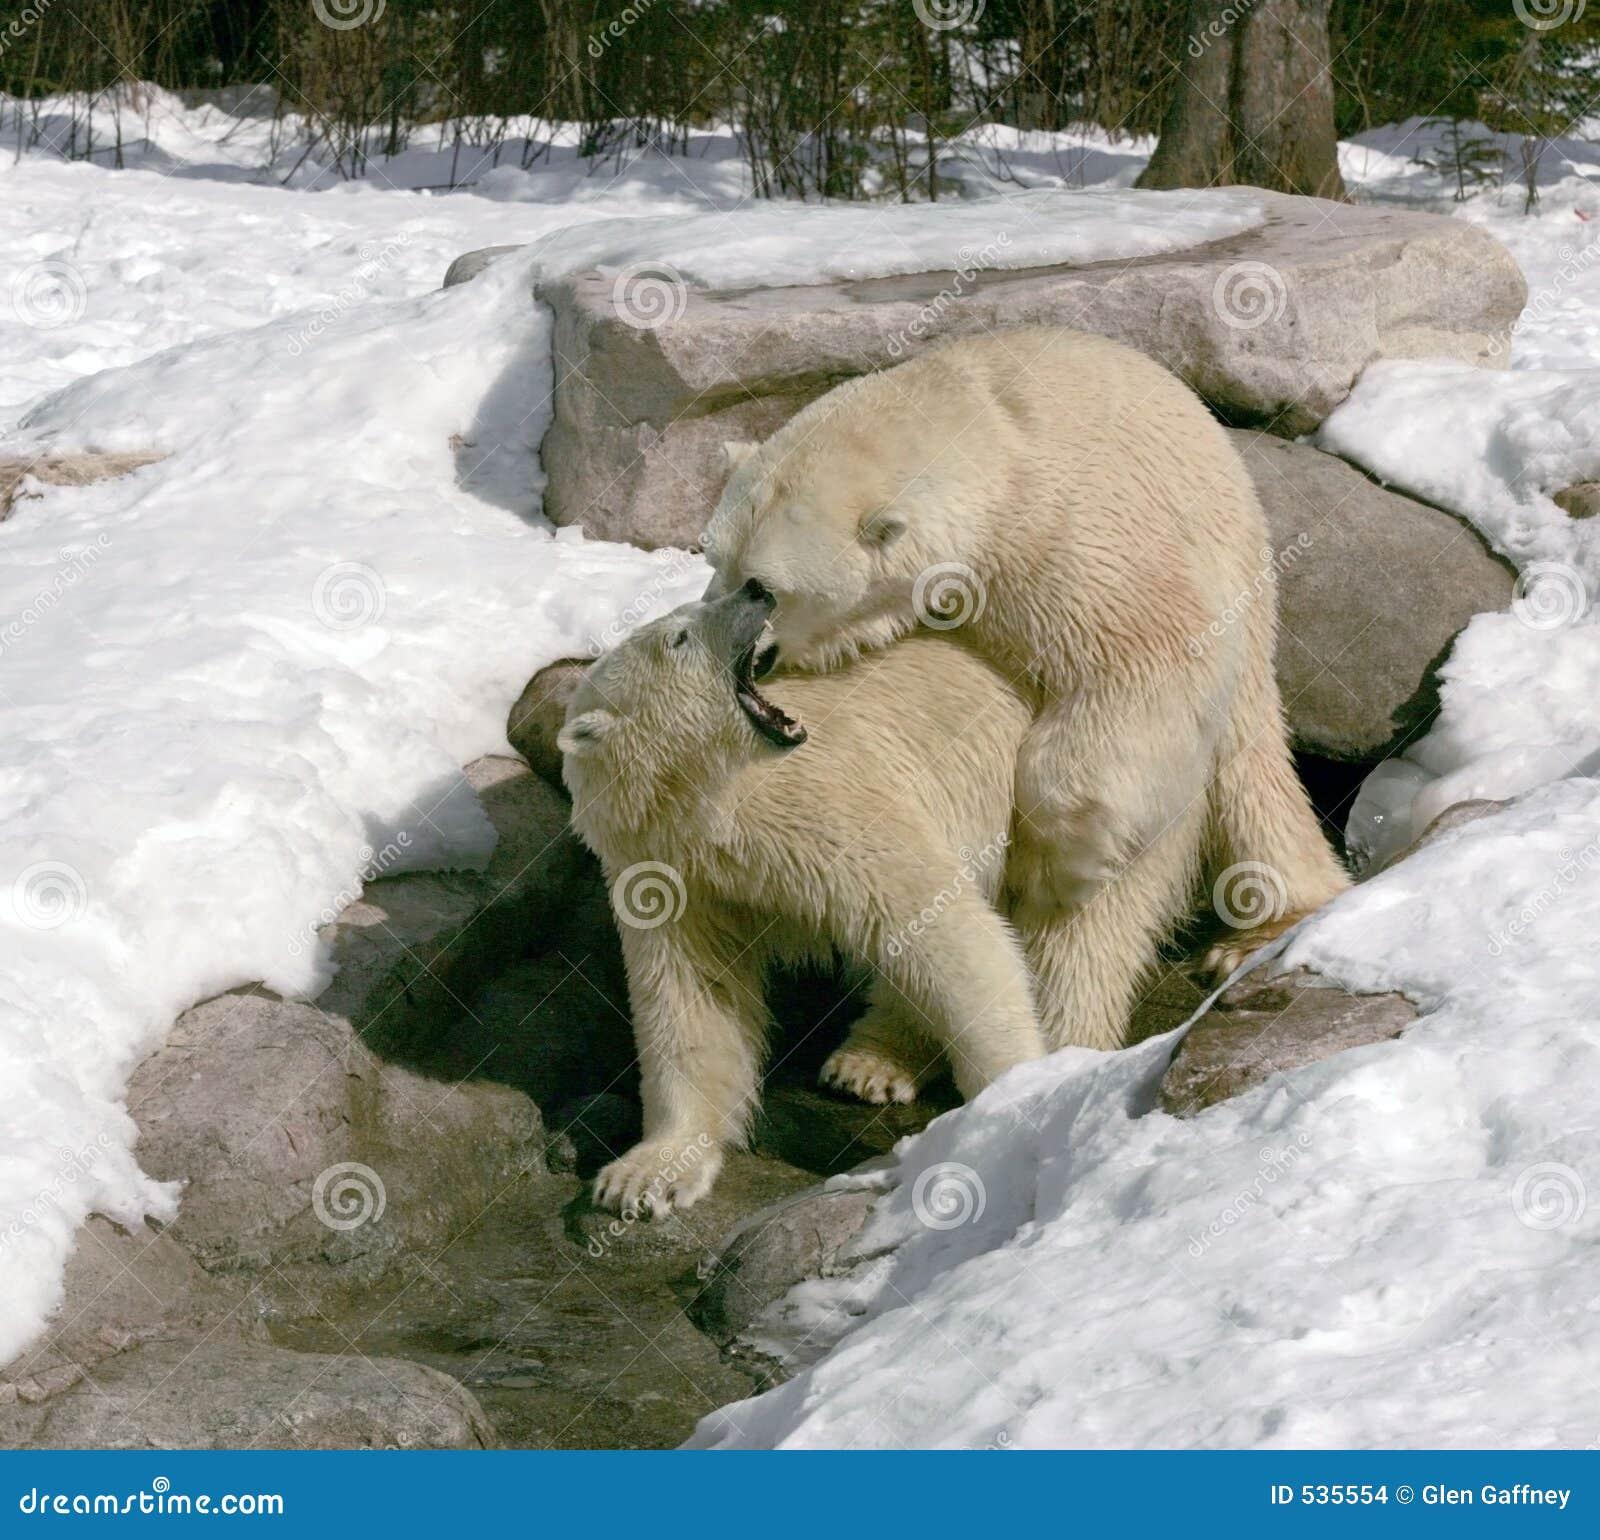 Download 6热情拥抱 库存照片. 图片 包括有 冬天, 敲打, 加拿大, 食肉动物, 本质, 联接, 空白, 野生生物 - 535554